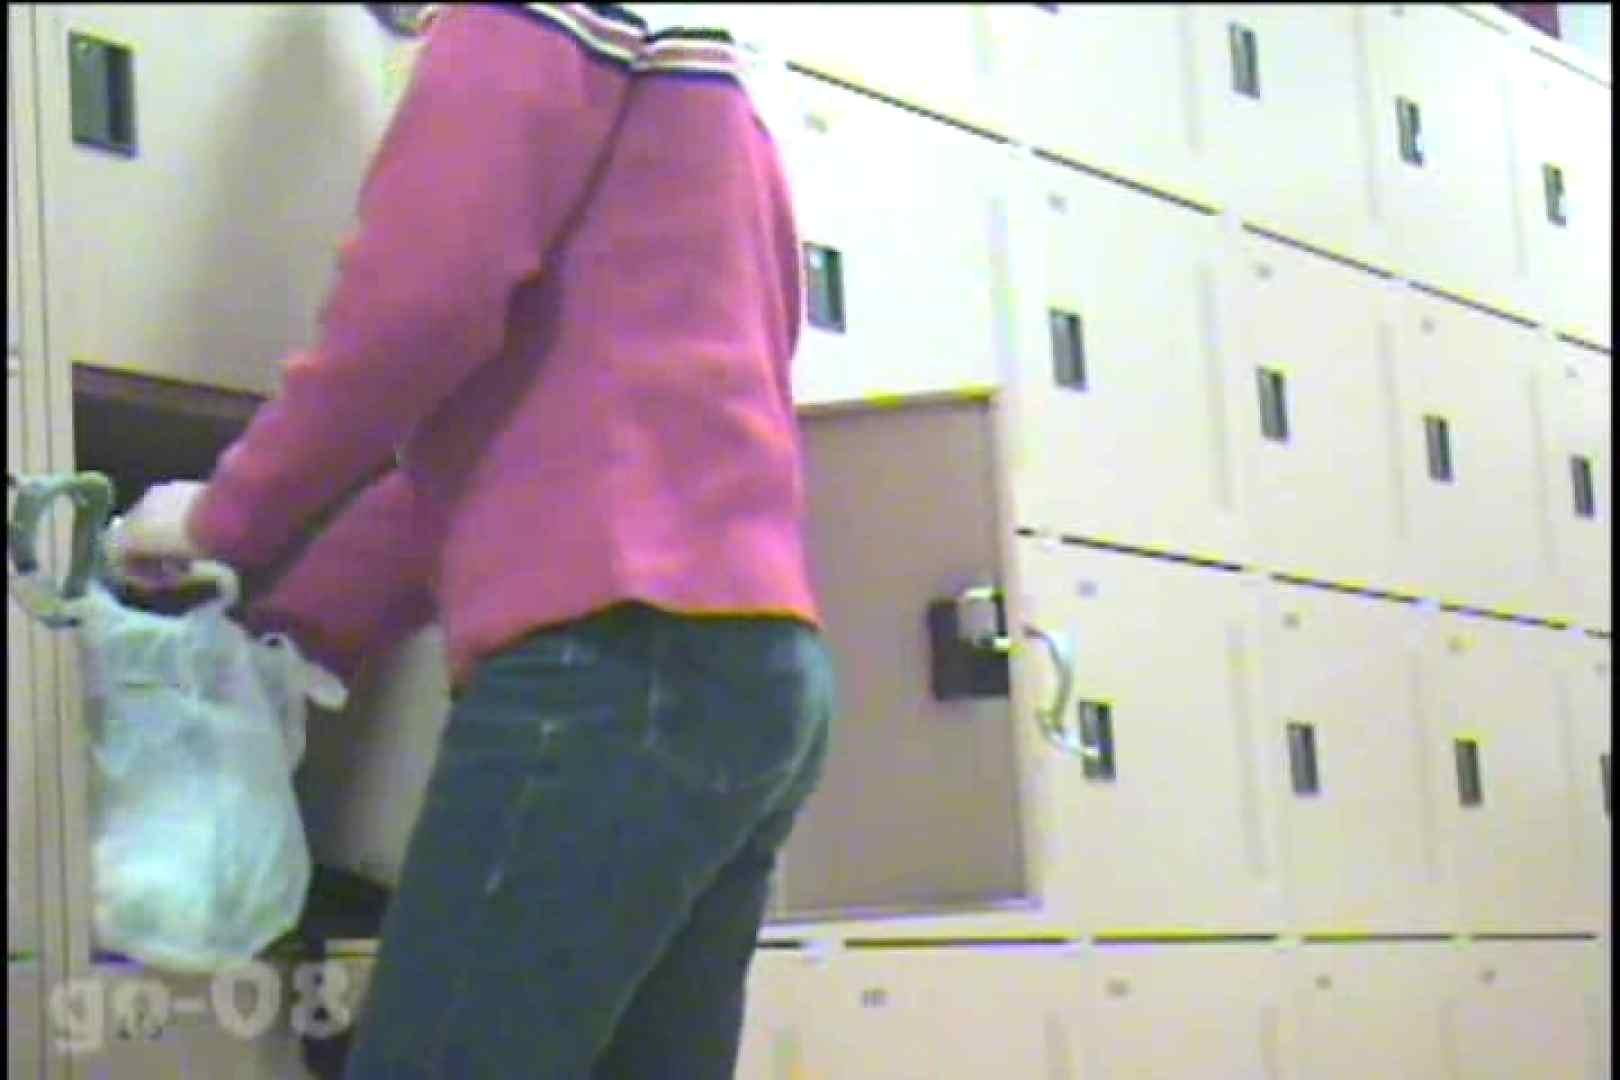 電波カメラ設置浴場からの防HAN映像 Vol.08 高評価   盗撮  72画像 67